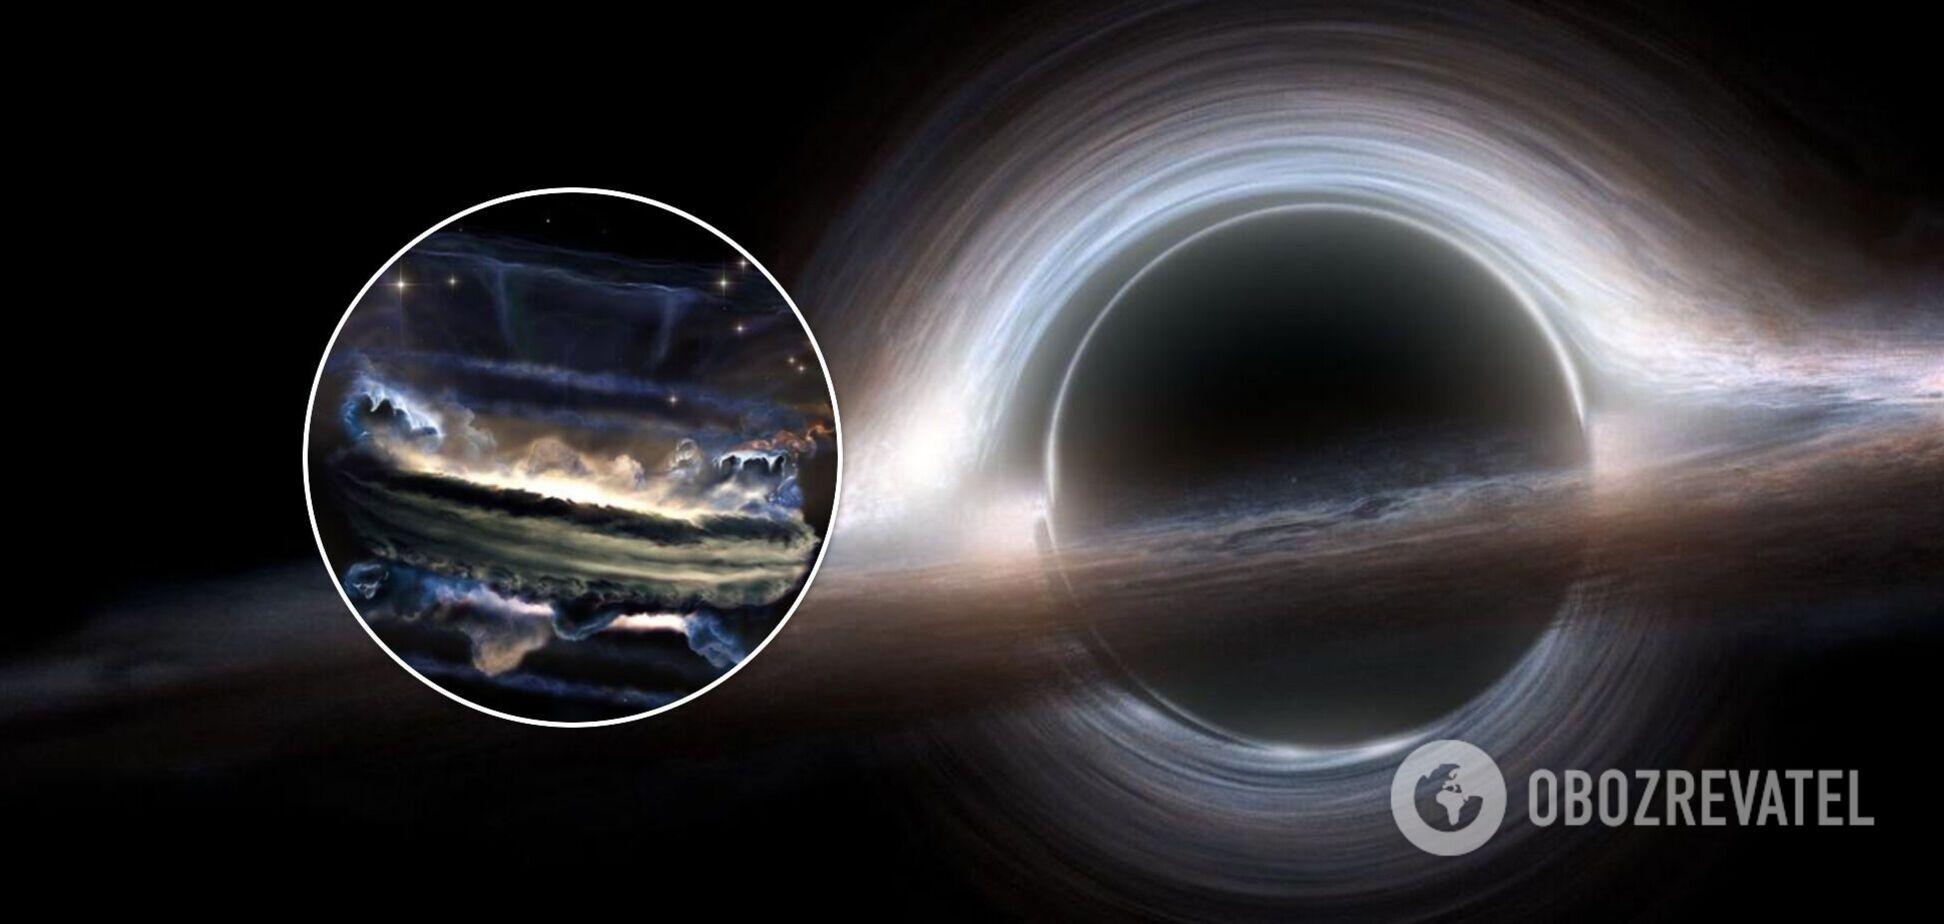 В NASA показали, как выглядит цунами внутри черной дыры. Фото